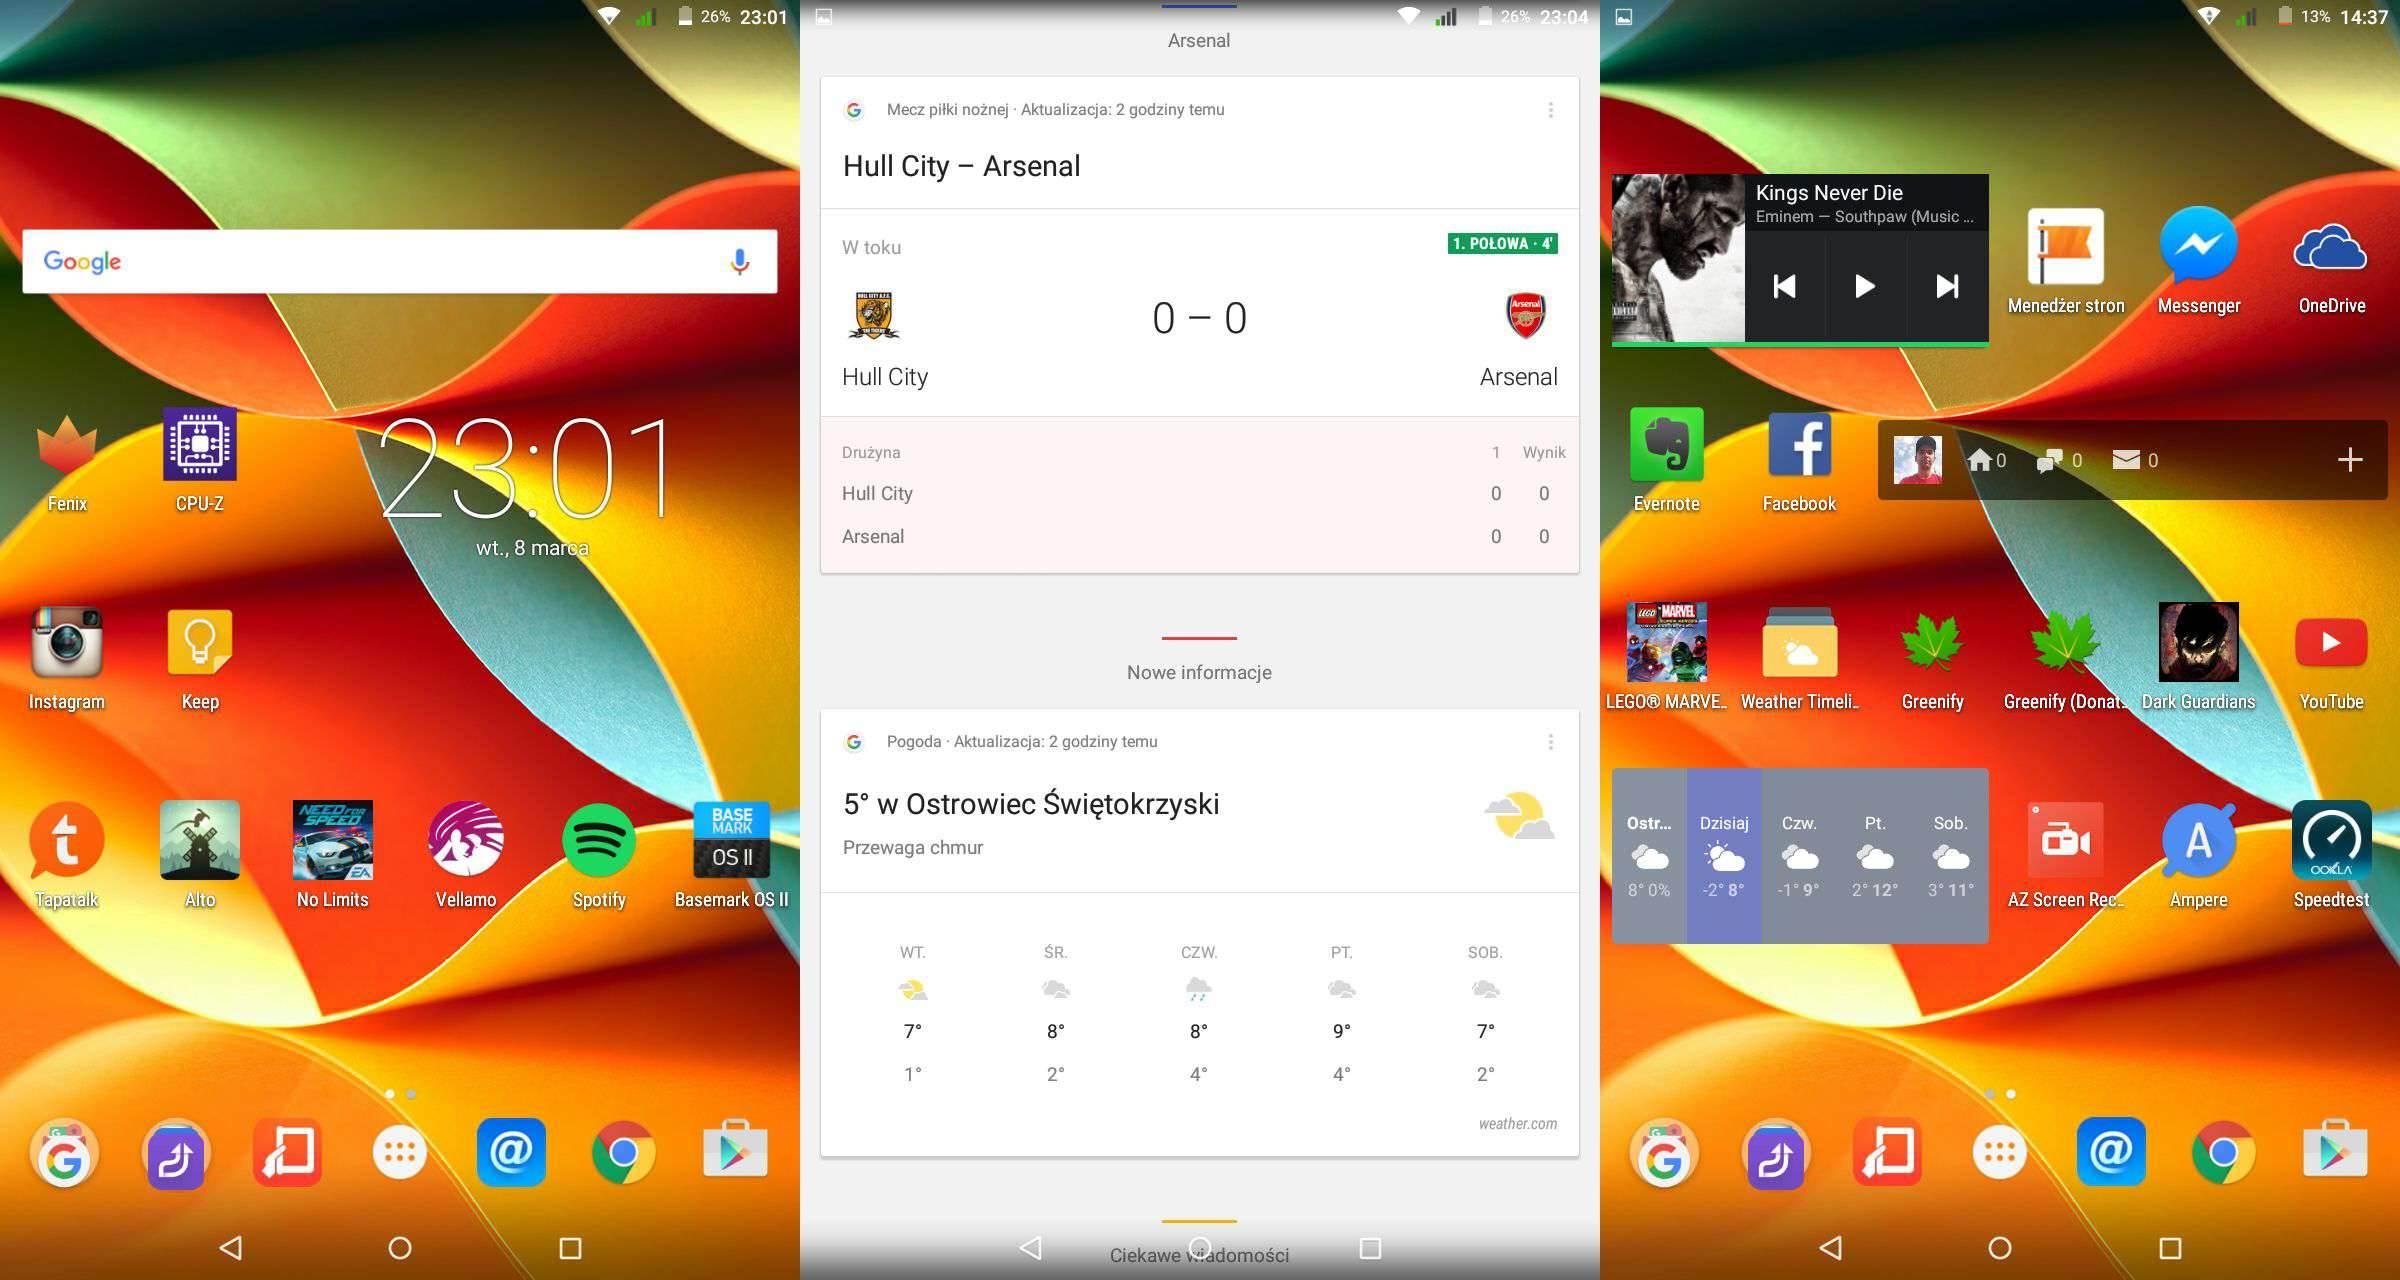 Lenovo Yoga Tab 3 LTE - recenzja urządzenia recenzje, polecane zalety, yoga tab 3, wady, Tablet, polska recenzja Lenovo Yoga Tab 3 LTE, polska recenzja, Lenovo Yoga Tab 3 LTE, lenovo, jak działa Lenovo Yoga Tab 3 LTE, czy warto kupić Lenovo Yoga Tab 3 LTE, cena Lenovo Yoga Tab 3 LTE  Nie ma się co oszukiwać, większość obecnie dostępnych tabletów wygląda niemal tak samo i różnią je od siebie drobne szczegóły wprowadzane do wzornictwa z generacji na generację, ale jednym z odmiennych modeli jest bez wątpienia seria tabletów Yoga, wprowadzona na rynek mobilny przez Lenovo. Czy przednie głośniki stereo i fabrycznie zamontowany stojak wystarczy, aby przykuć uwagę potencjalnego nabywcy? 2 2